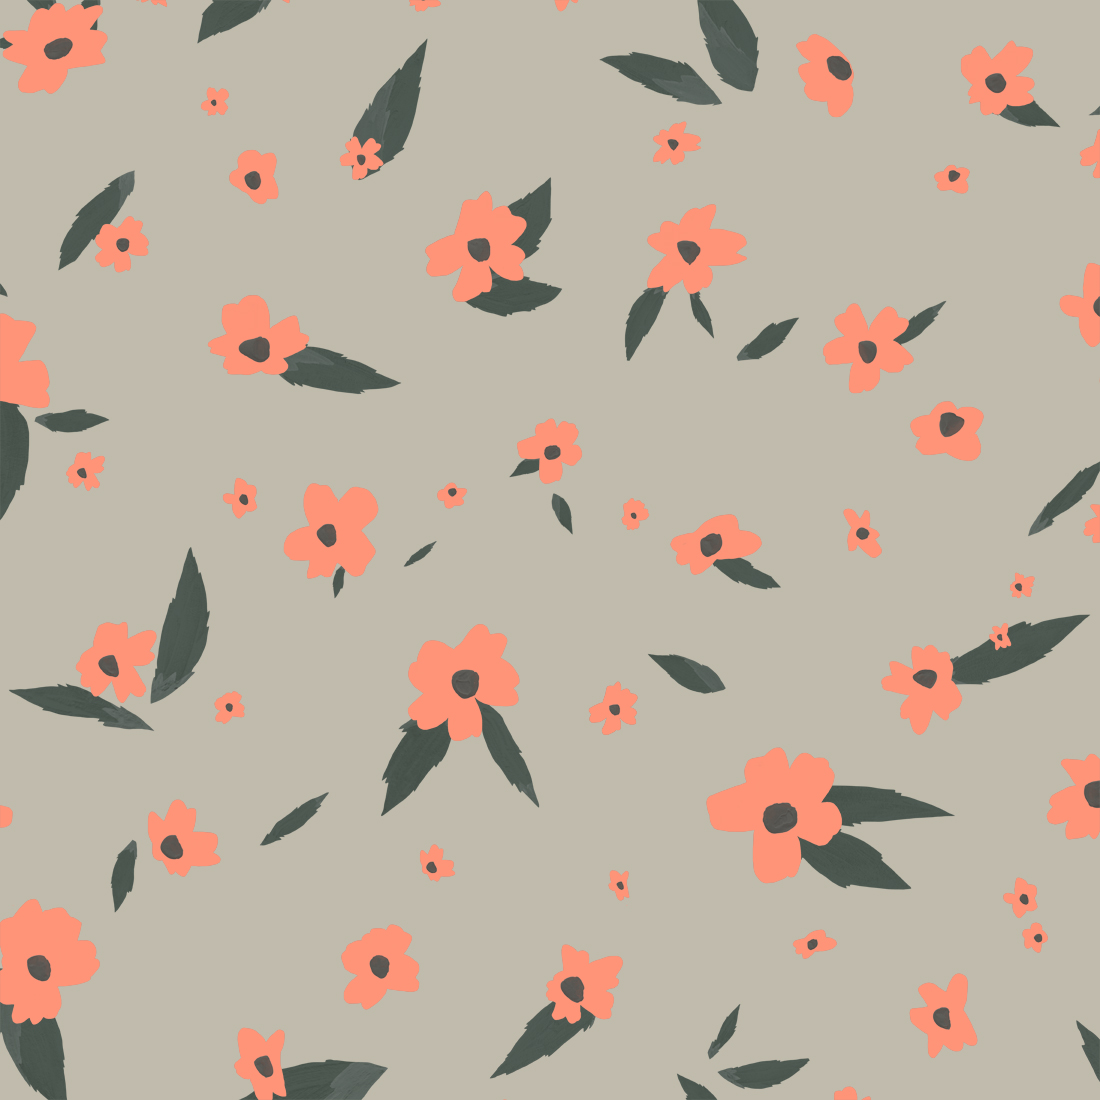 daisy scatter pattern pink.jpg